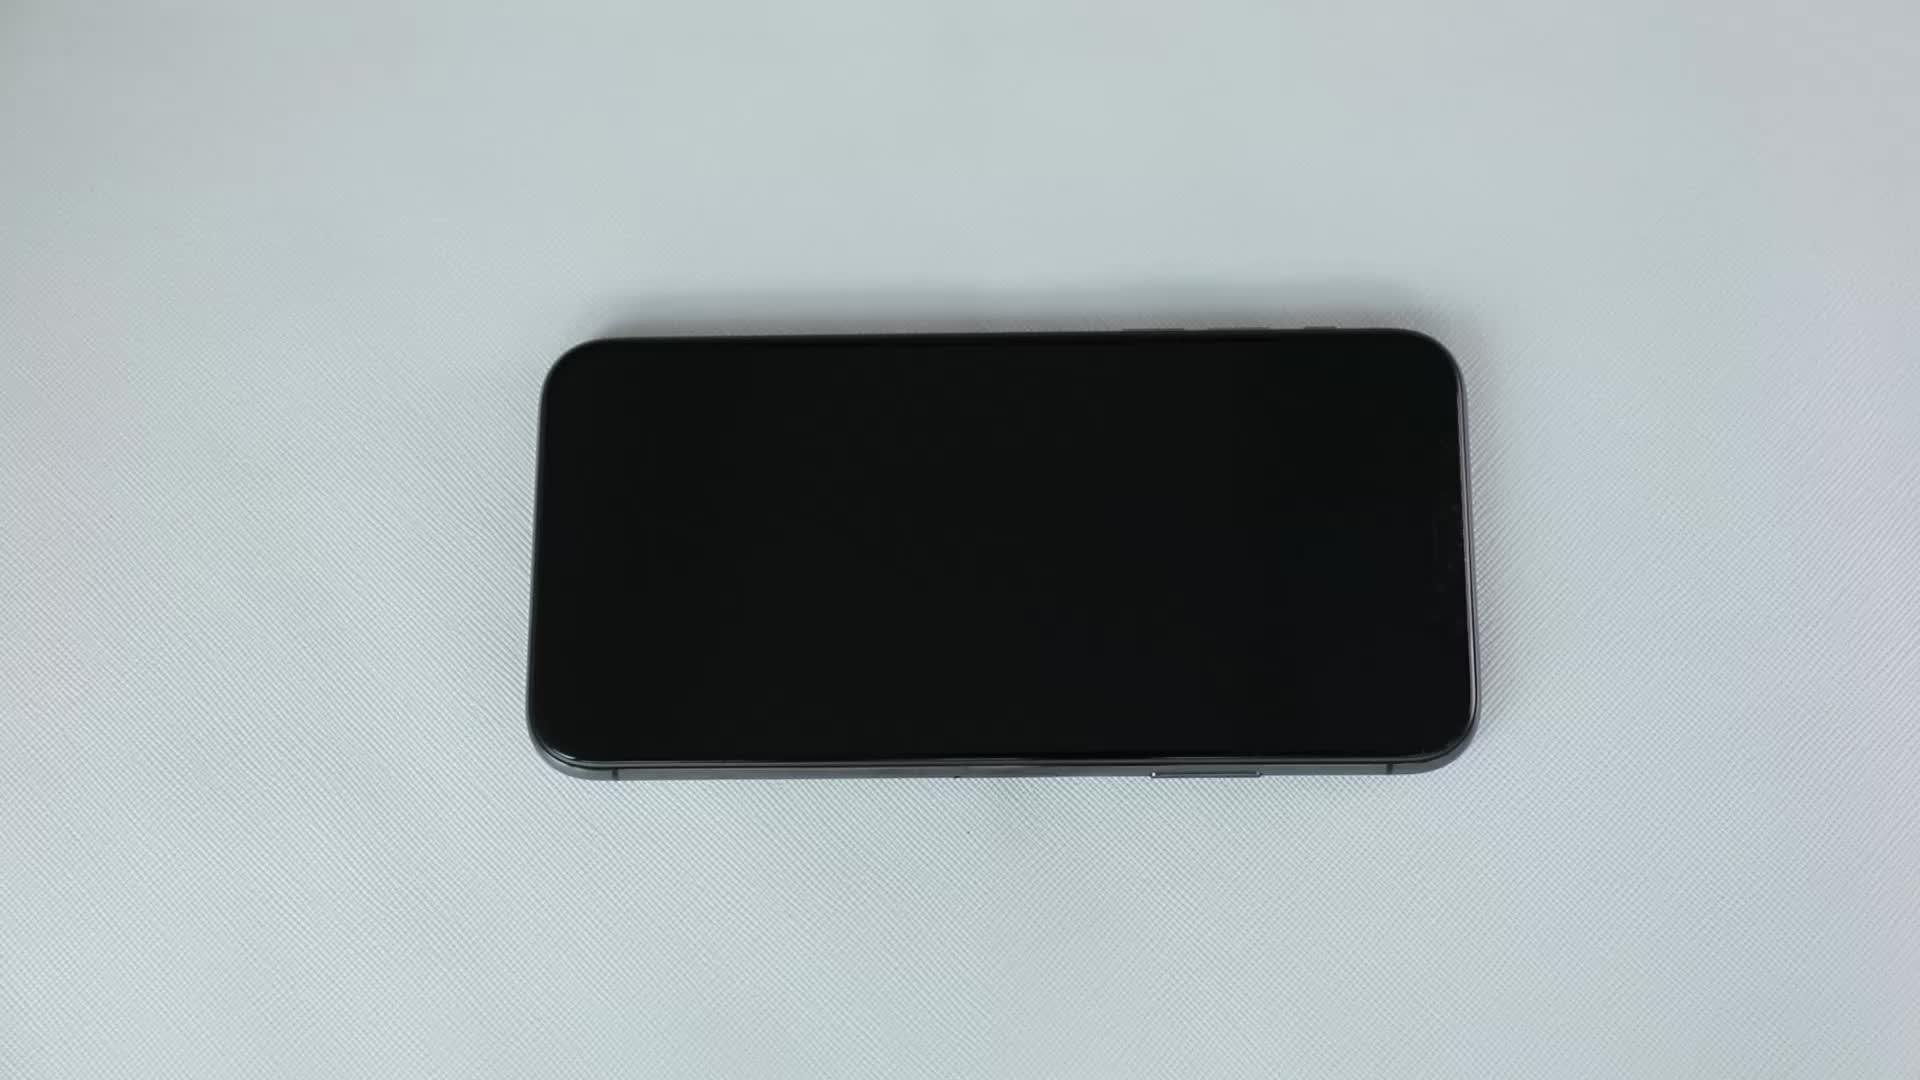 CAFELE chất lượng cao điện thoại thông minh màn hình bảo vệ tempered kính bảo vệ điện thoại đối với iphone X/XR/XS/XS max